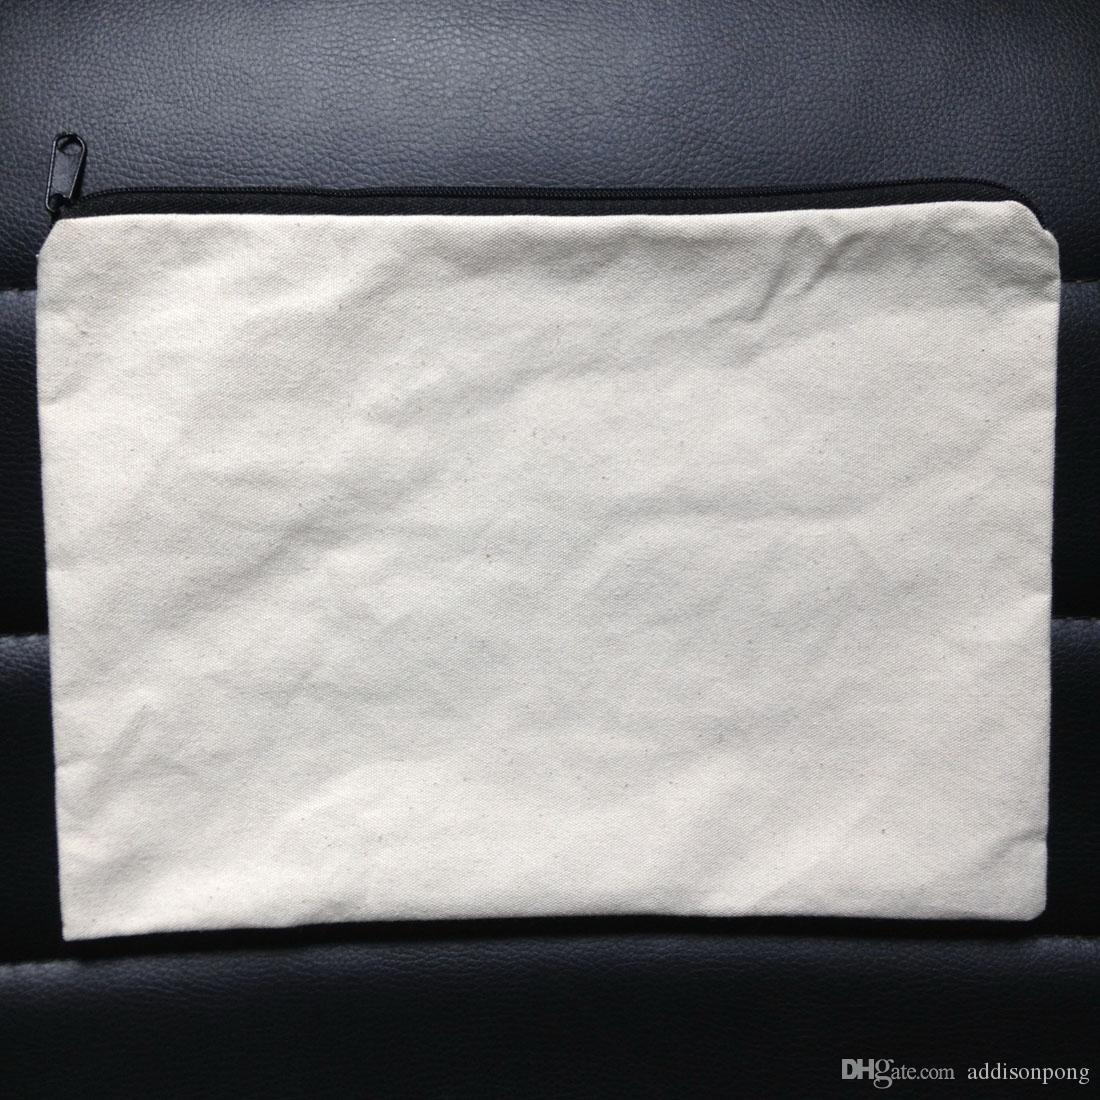 60 pz / lotto pianura naturale avorio / colore nero borsa di tela di cotone puro colore con cerniera nera unisex casual portafoglio in cotone bianco sacchetto